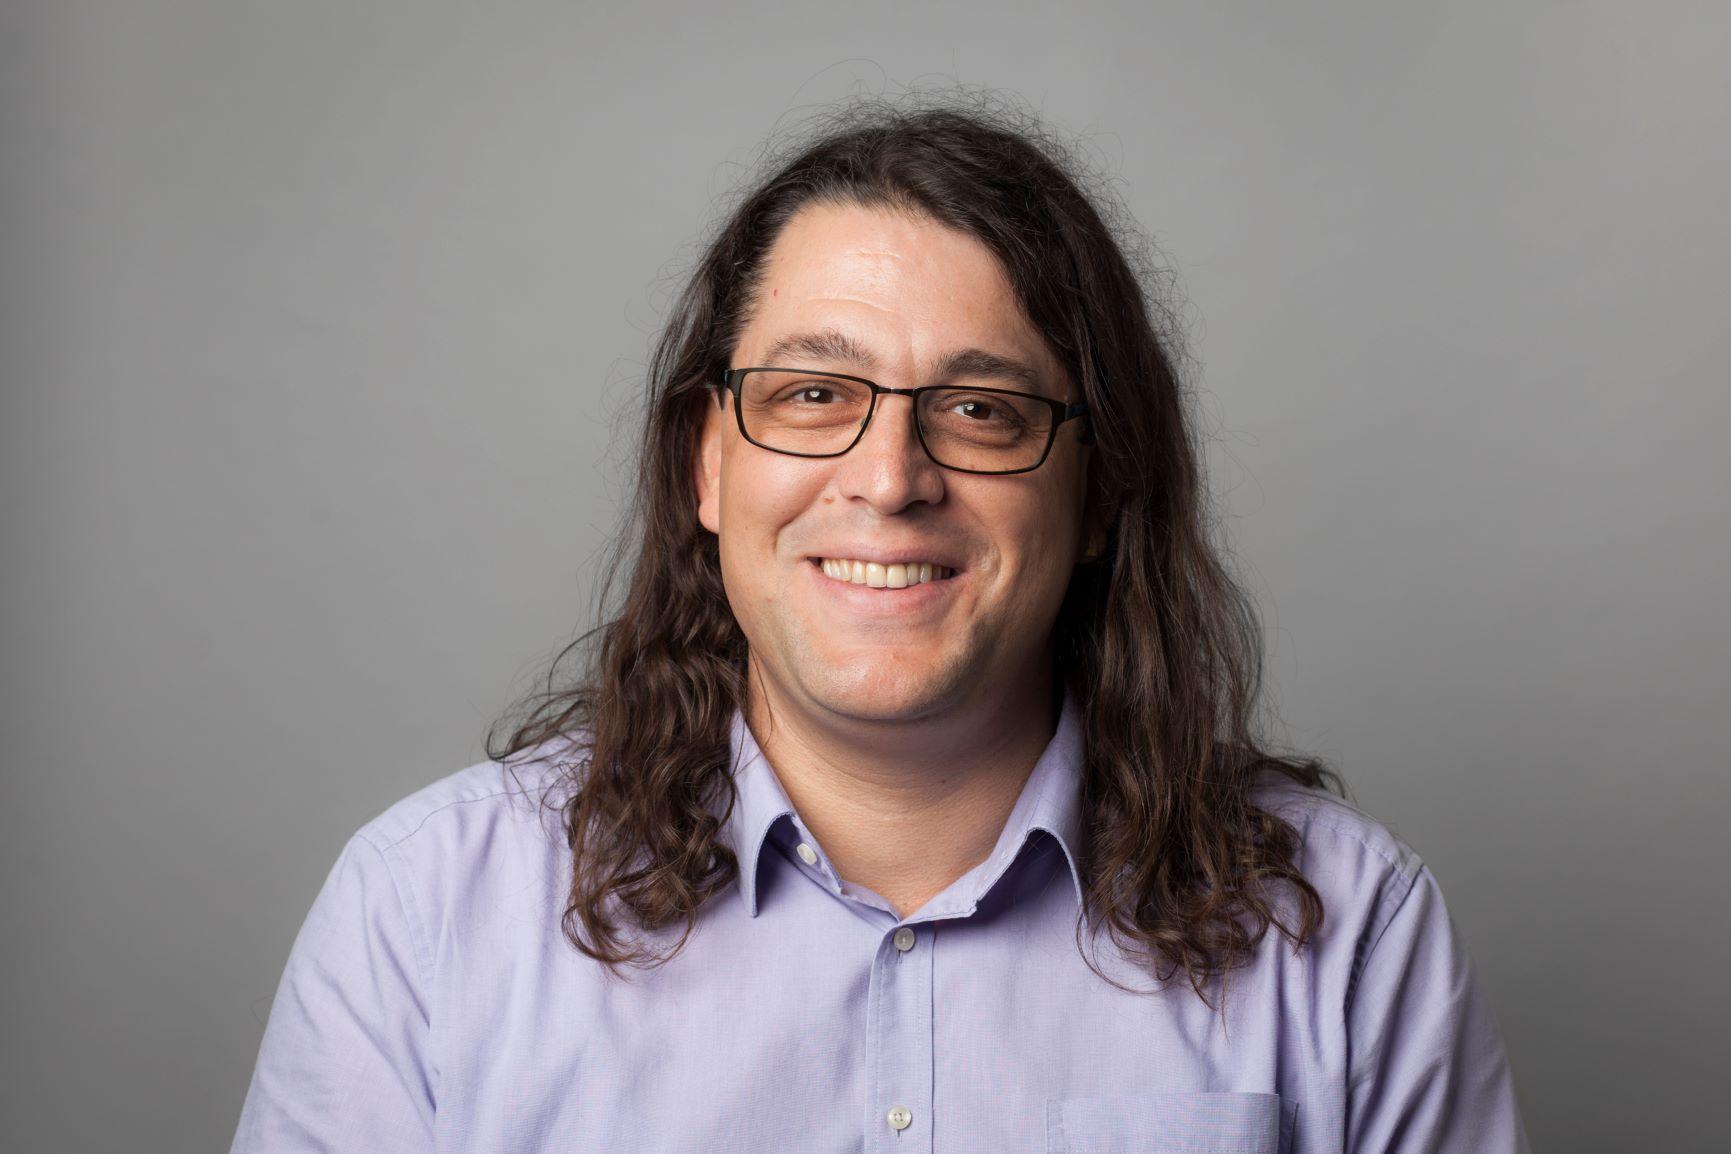 Prof. Dr. Diego Kuonen, CEO Statoo Consulting und Professor für Data Science (Datenwissenschaft) an der Geneva School of Economics and Management der Universität Genf, Schweiz